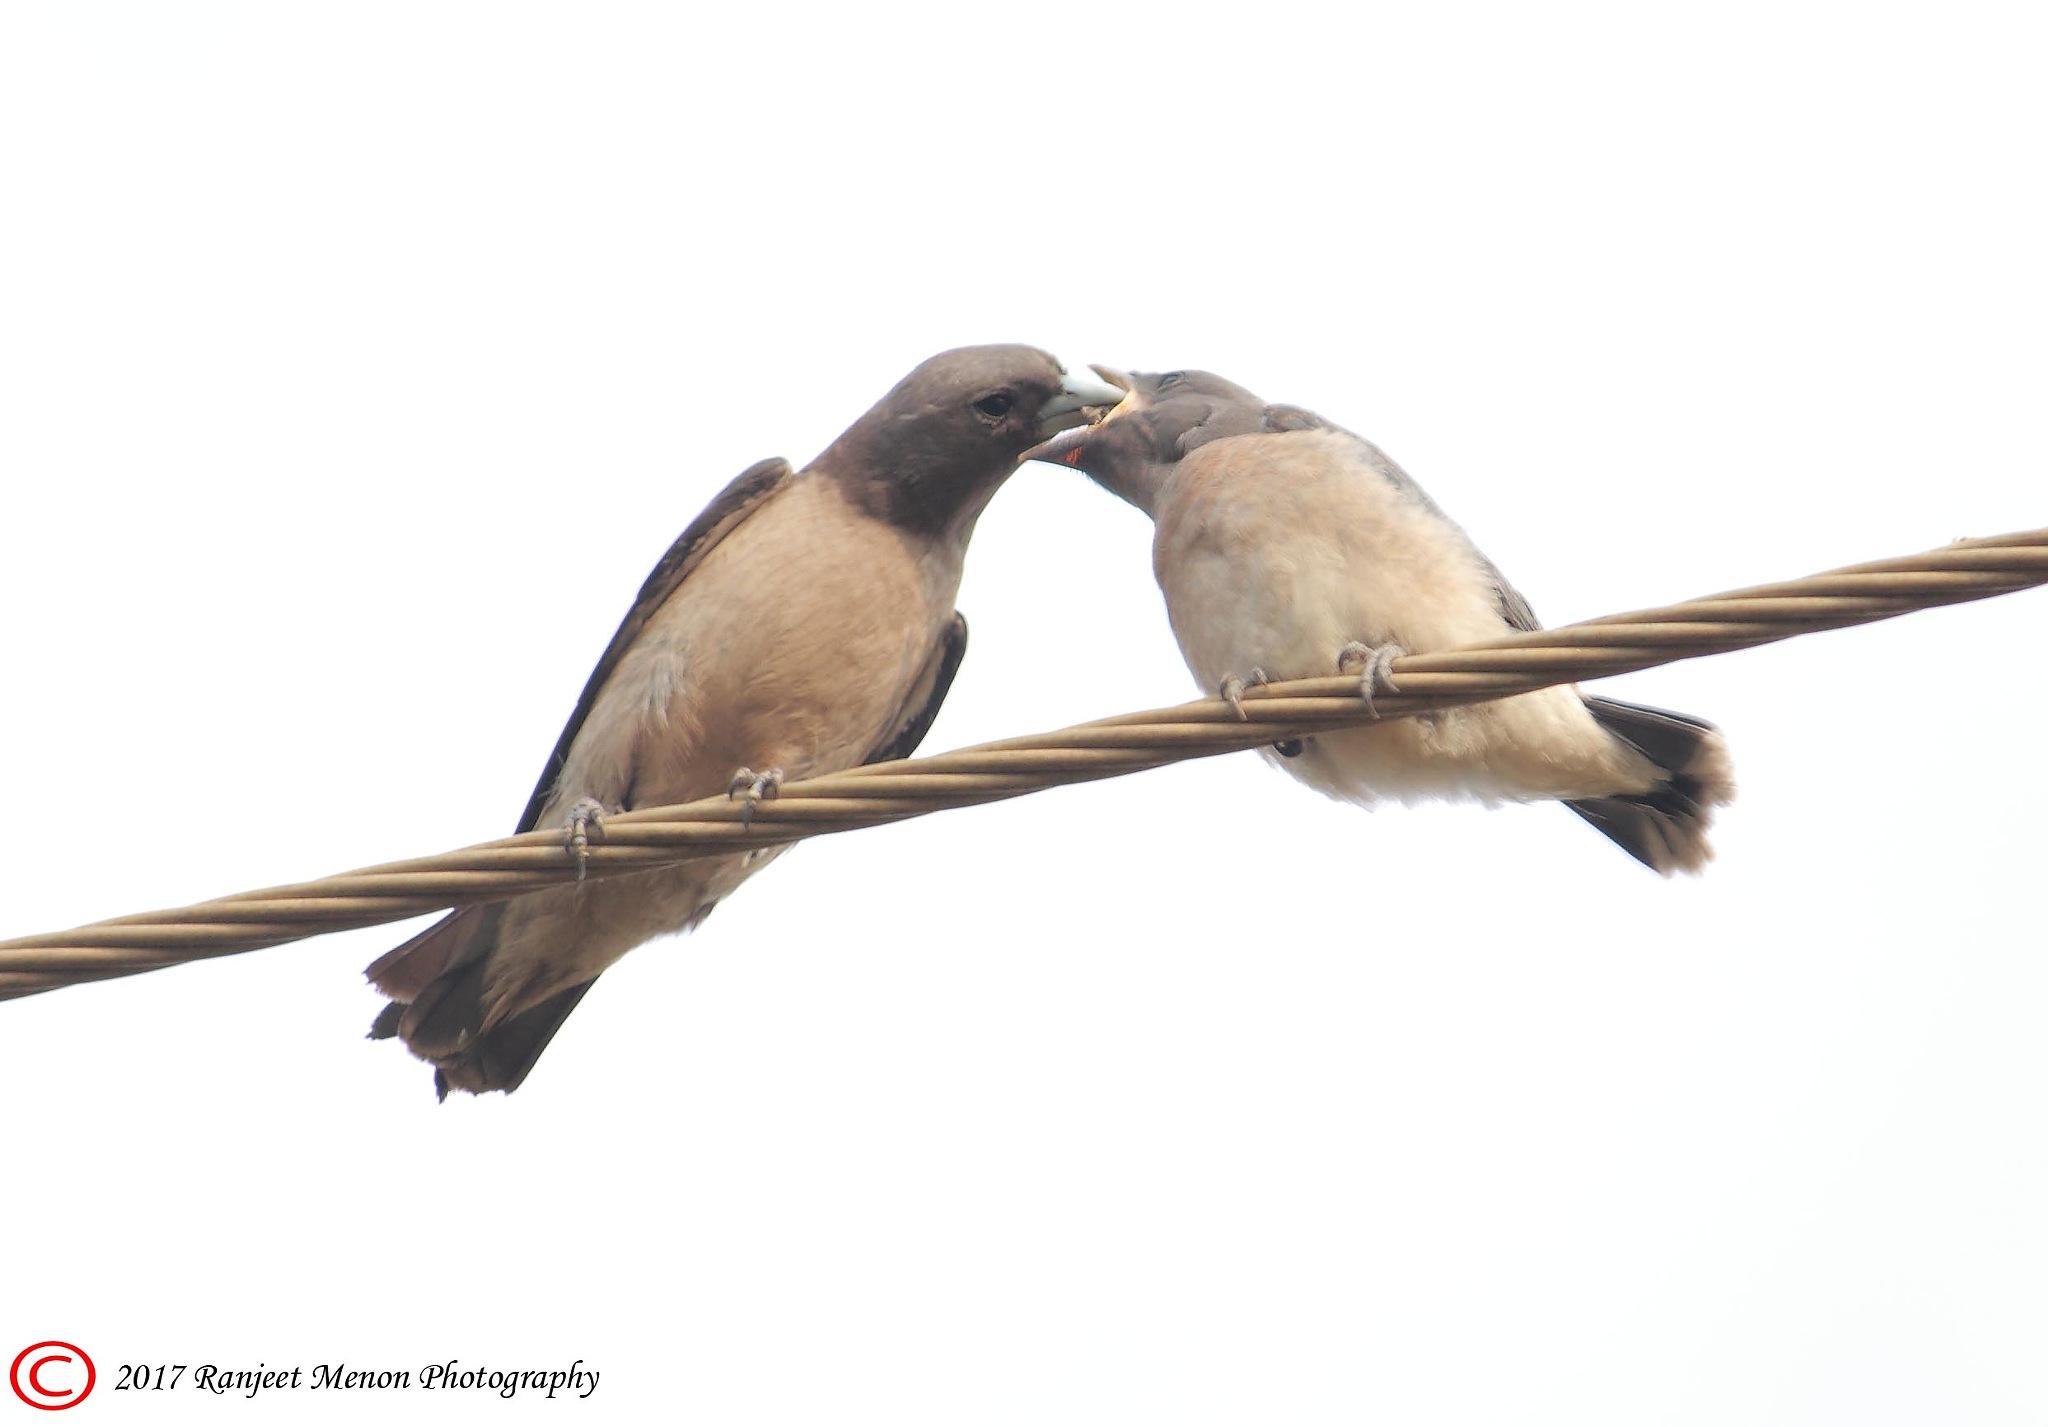 Ashy Woodswallow feeding by Ranjeet Menon